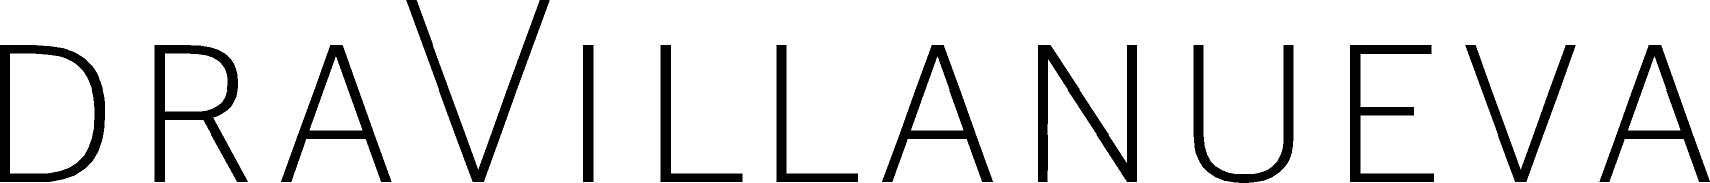 Dravillanueva.com